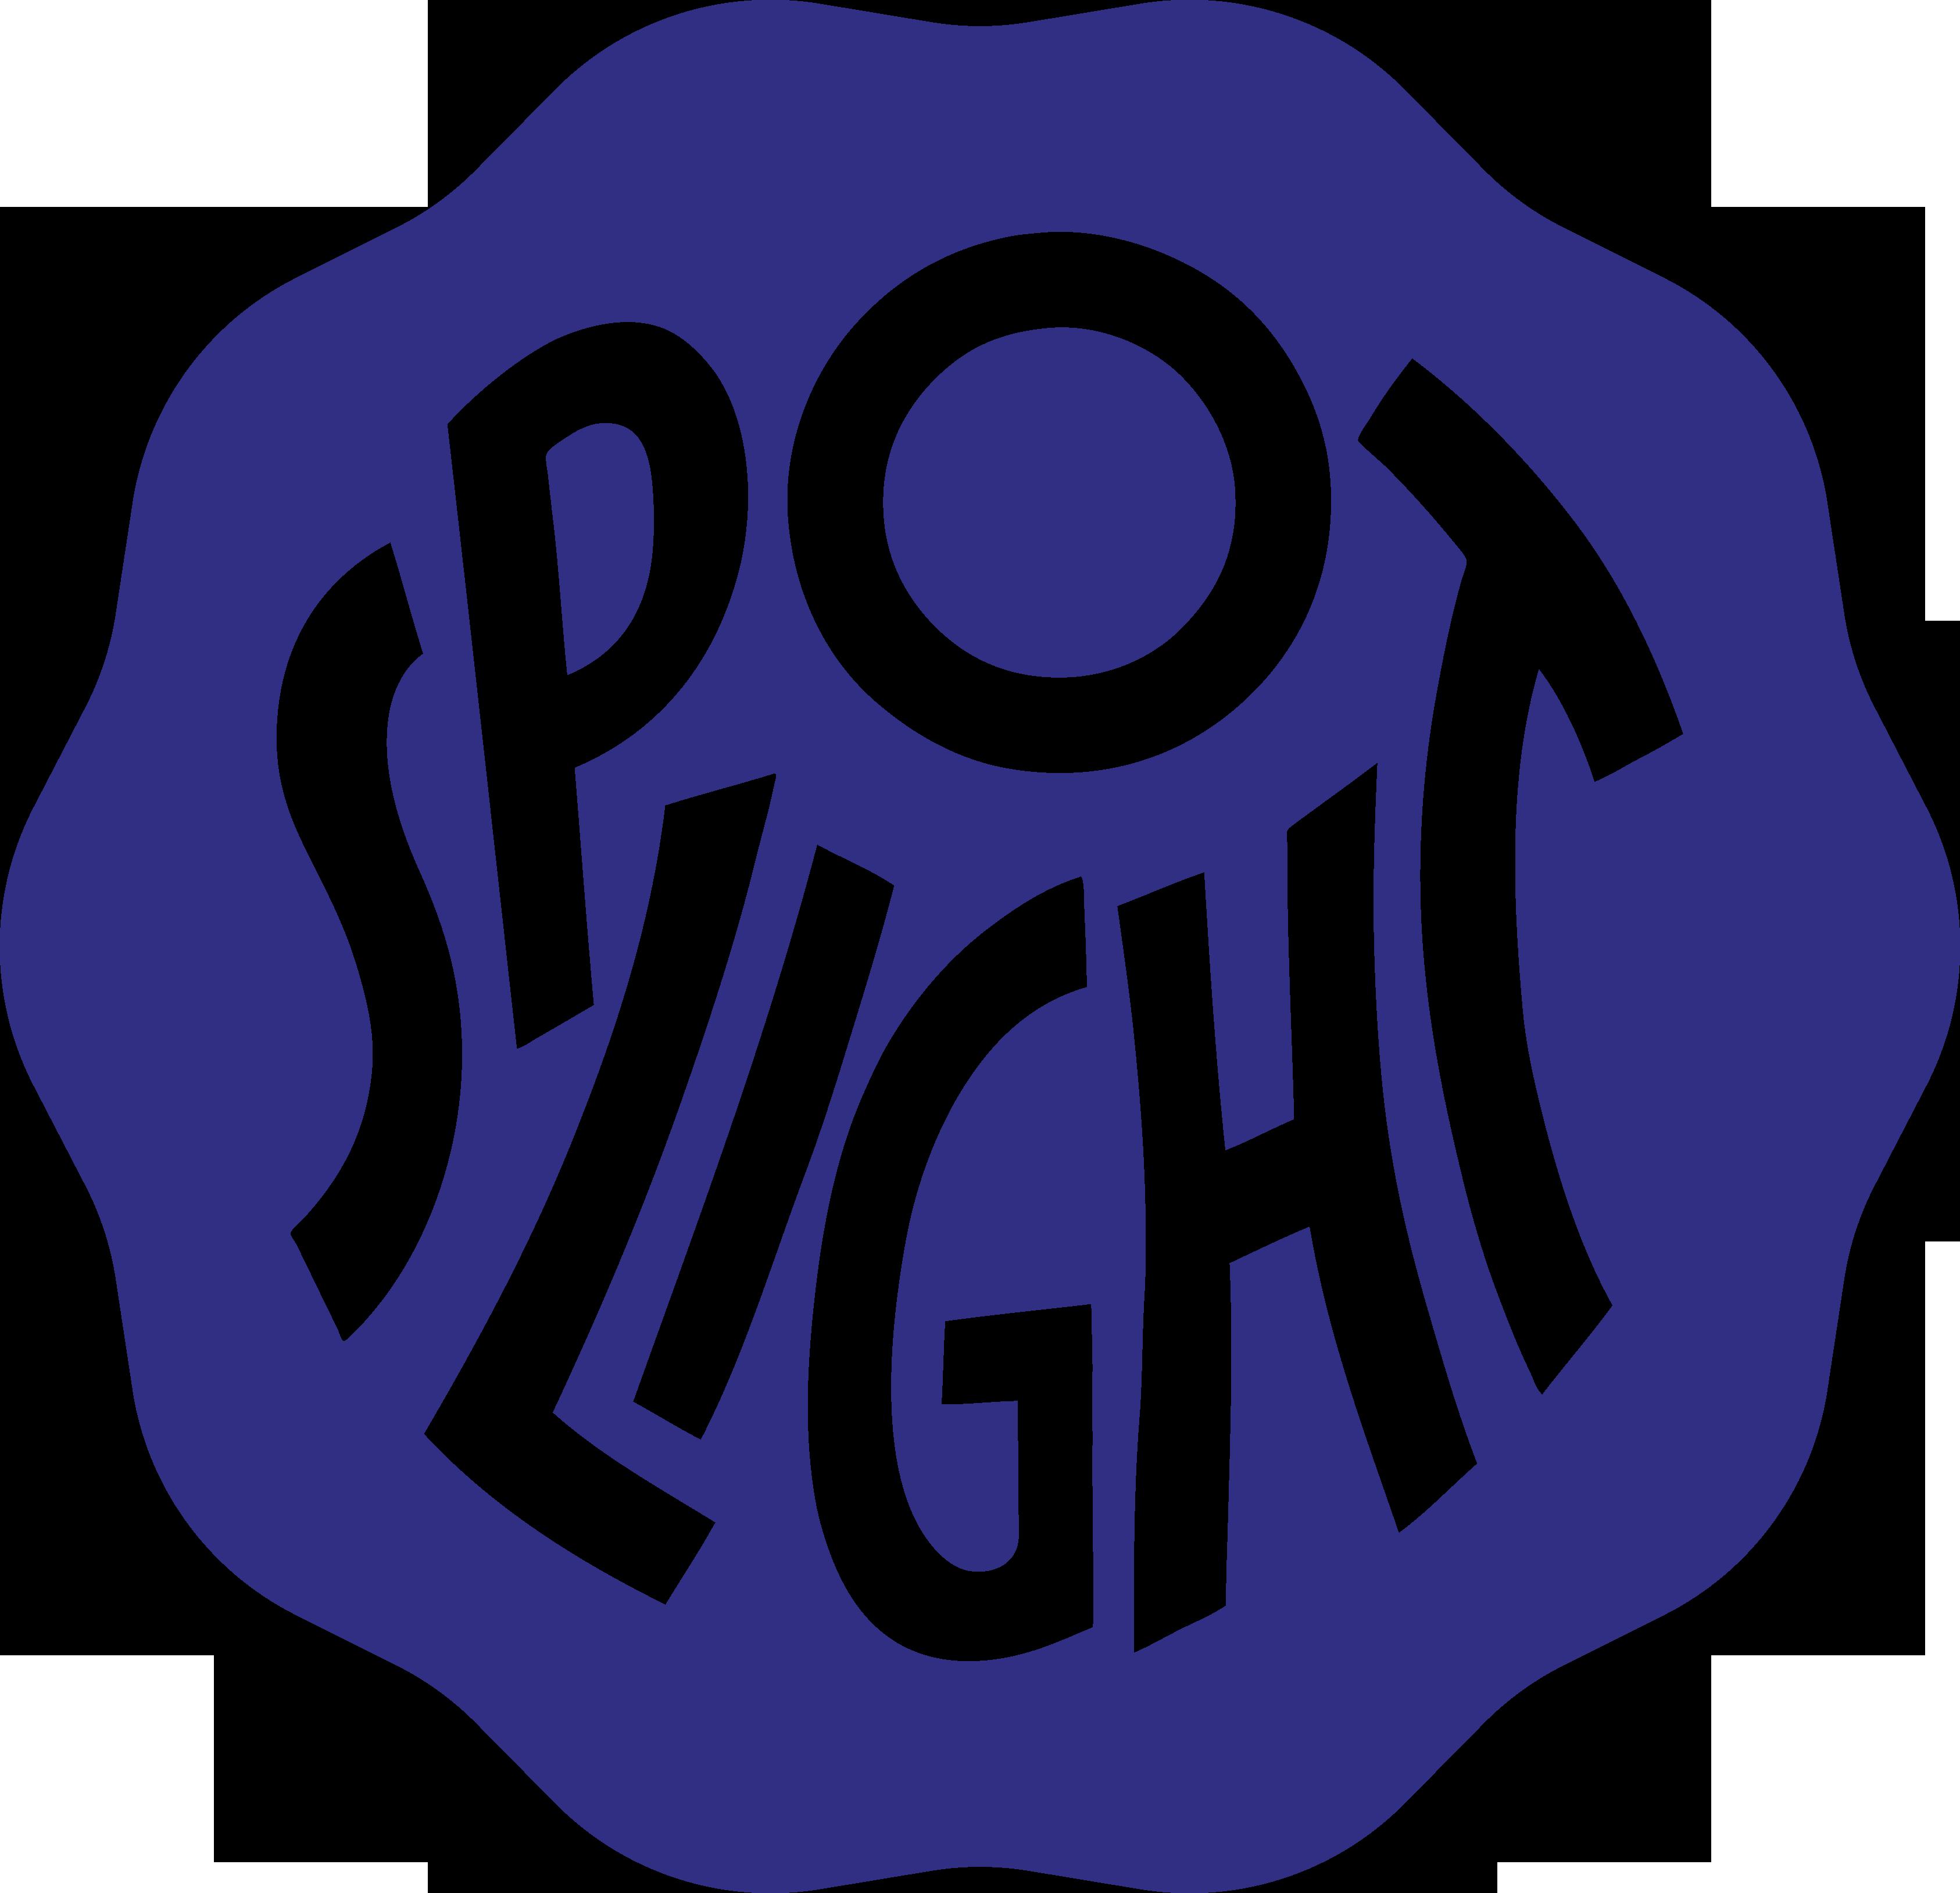 clip art freeuse stock Spotlight